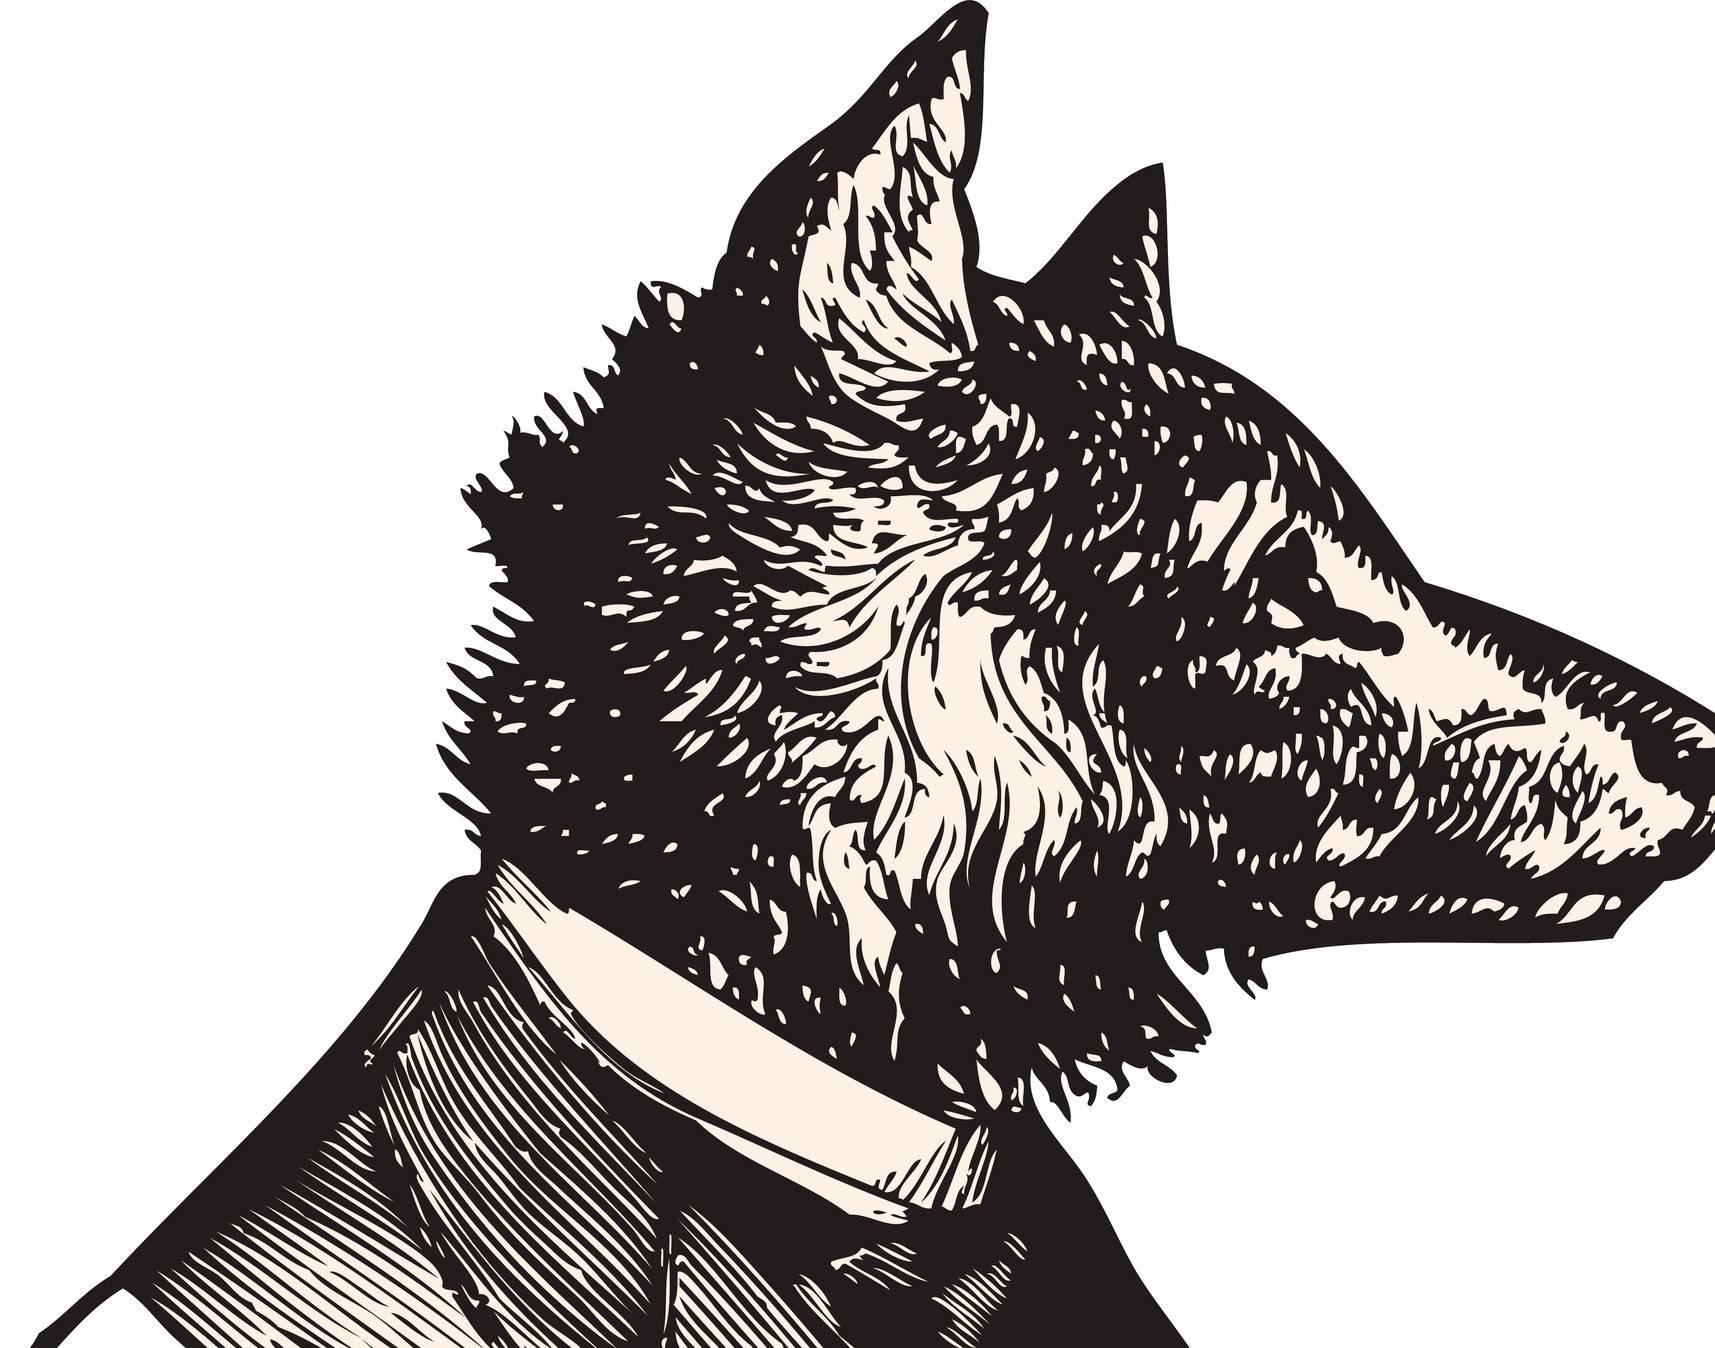 www.juicysantos.com.br - lobo vestido de homem vitoriano - senhoras e senhores, crônica de leandro marçal